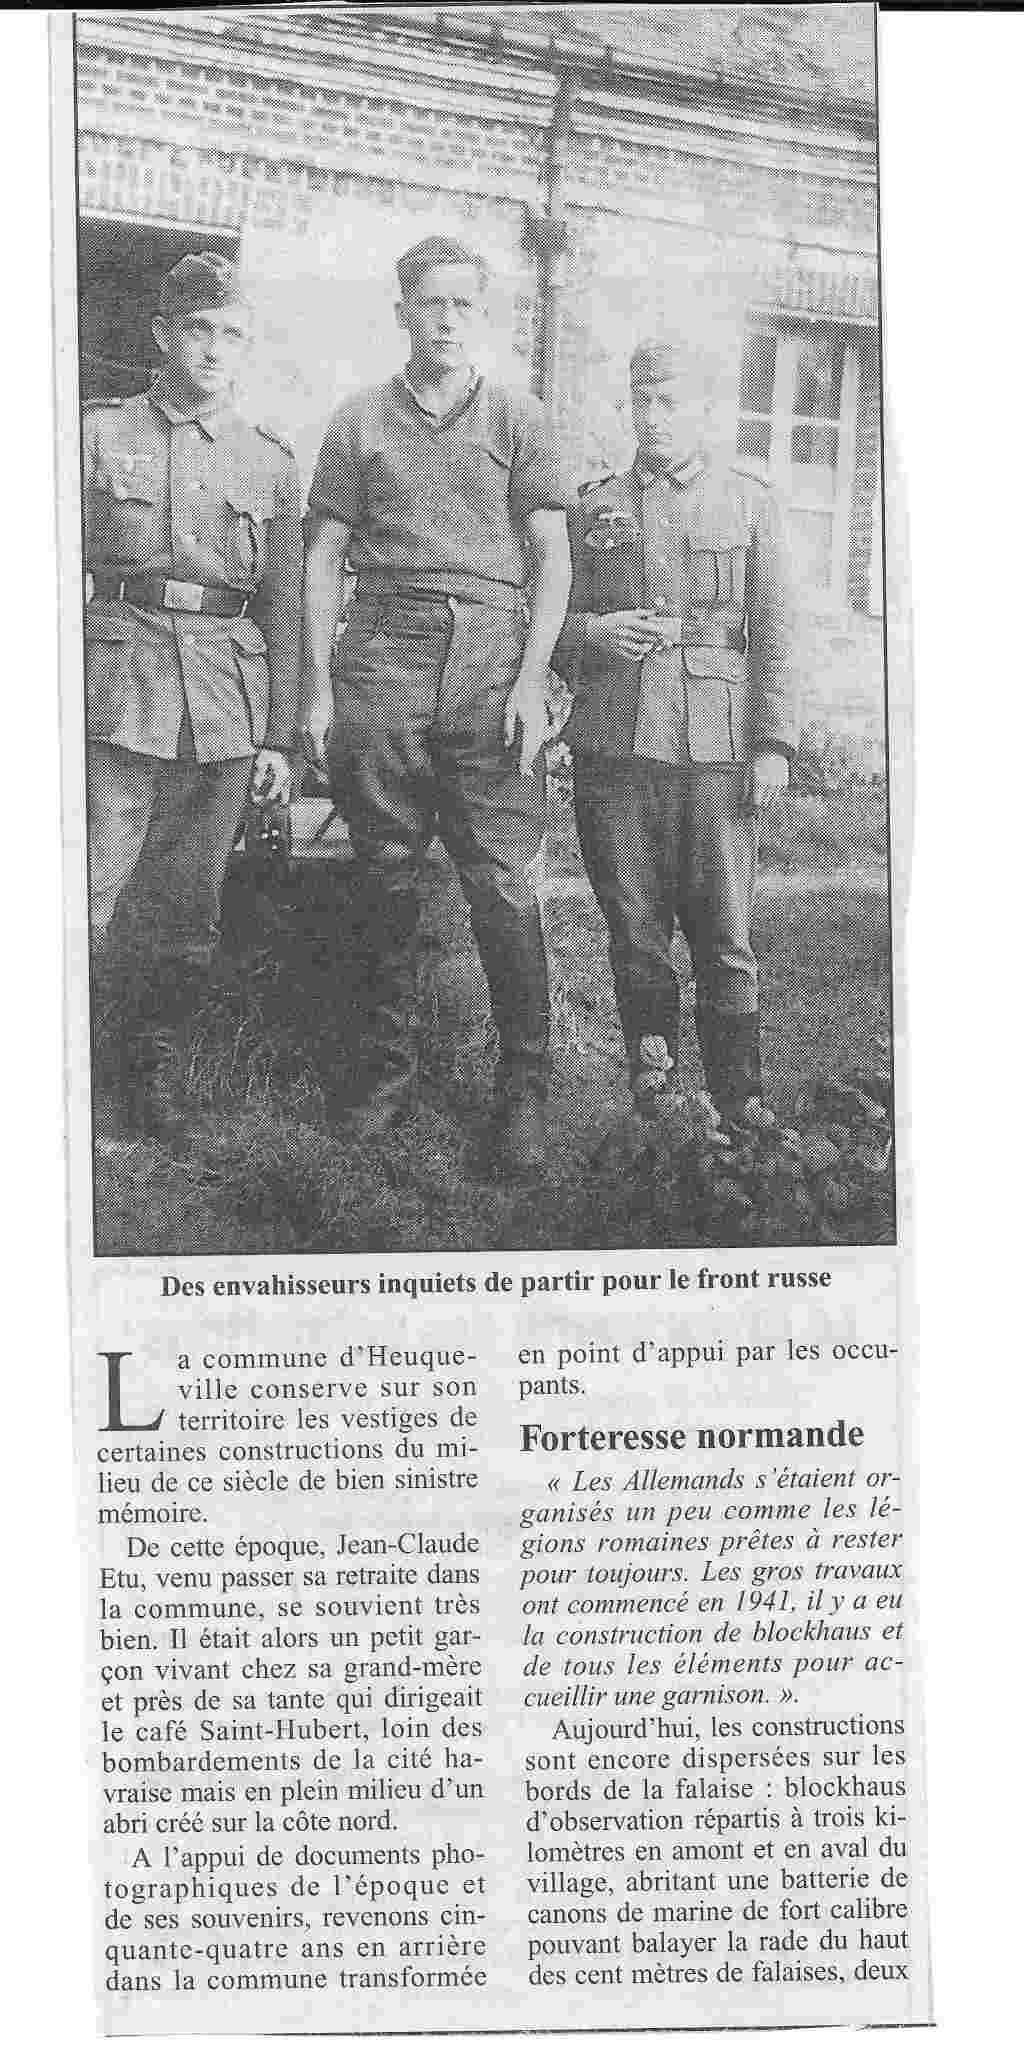 Histoire des communes - Heuqueville 338